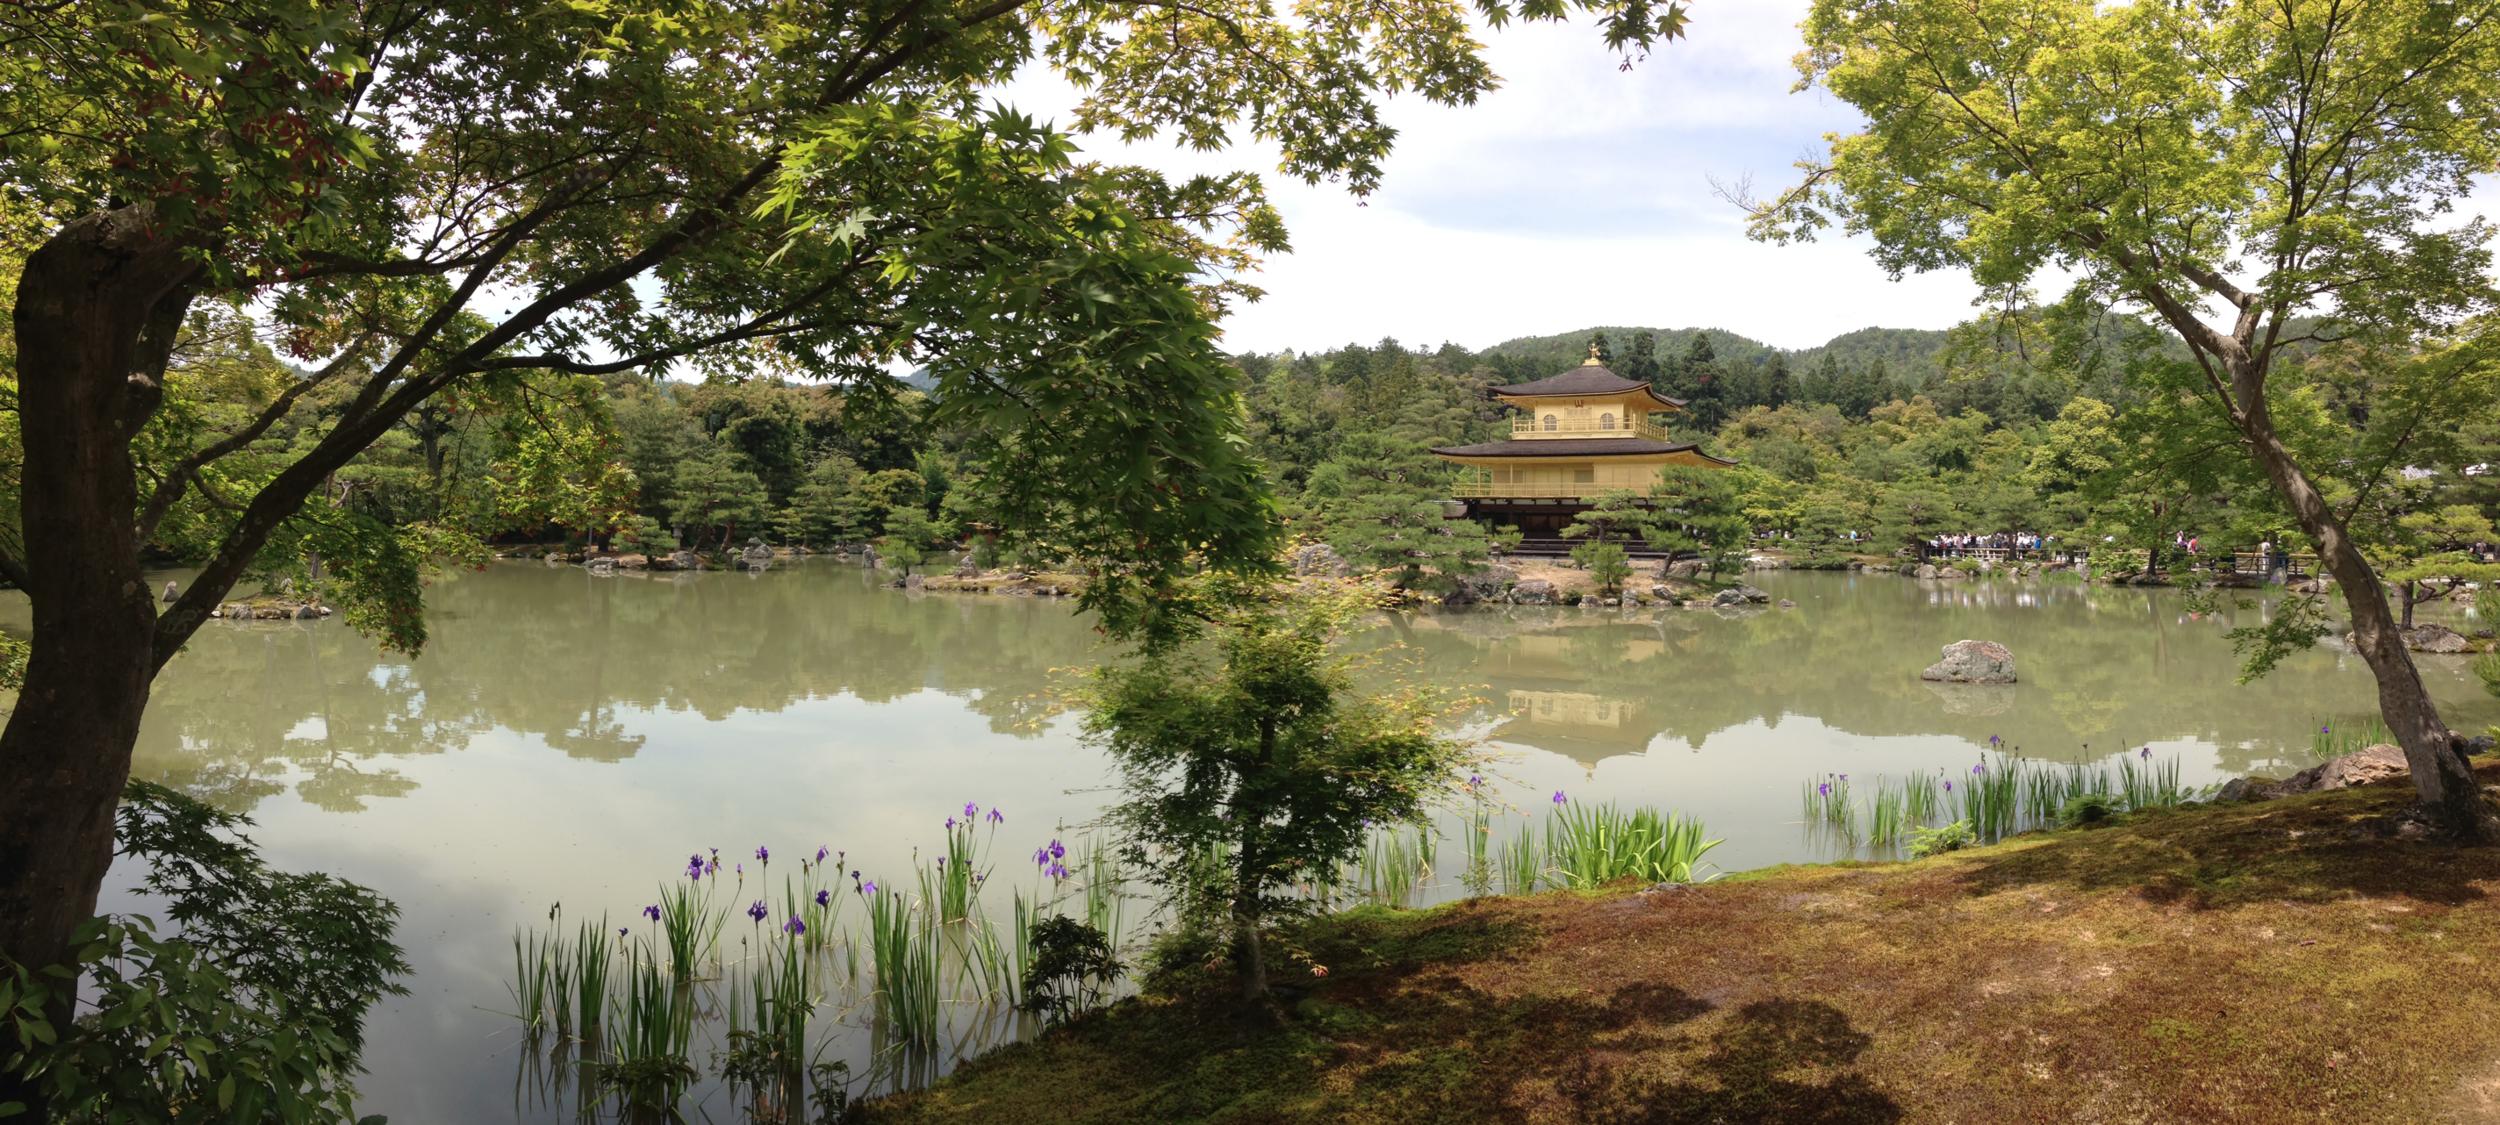 Golden Pavillion- Kyoto